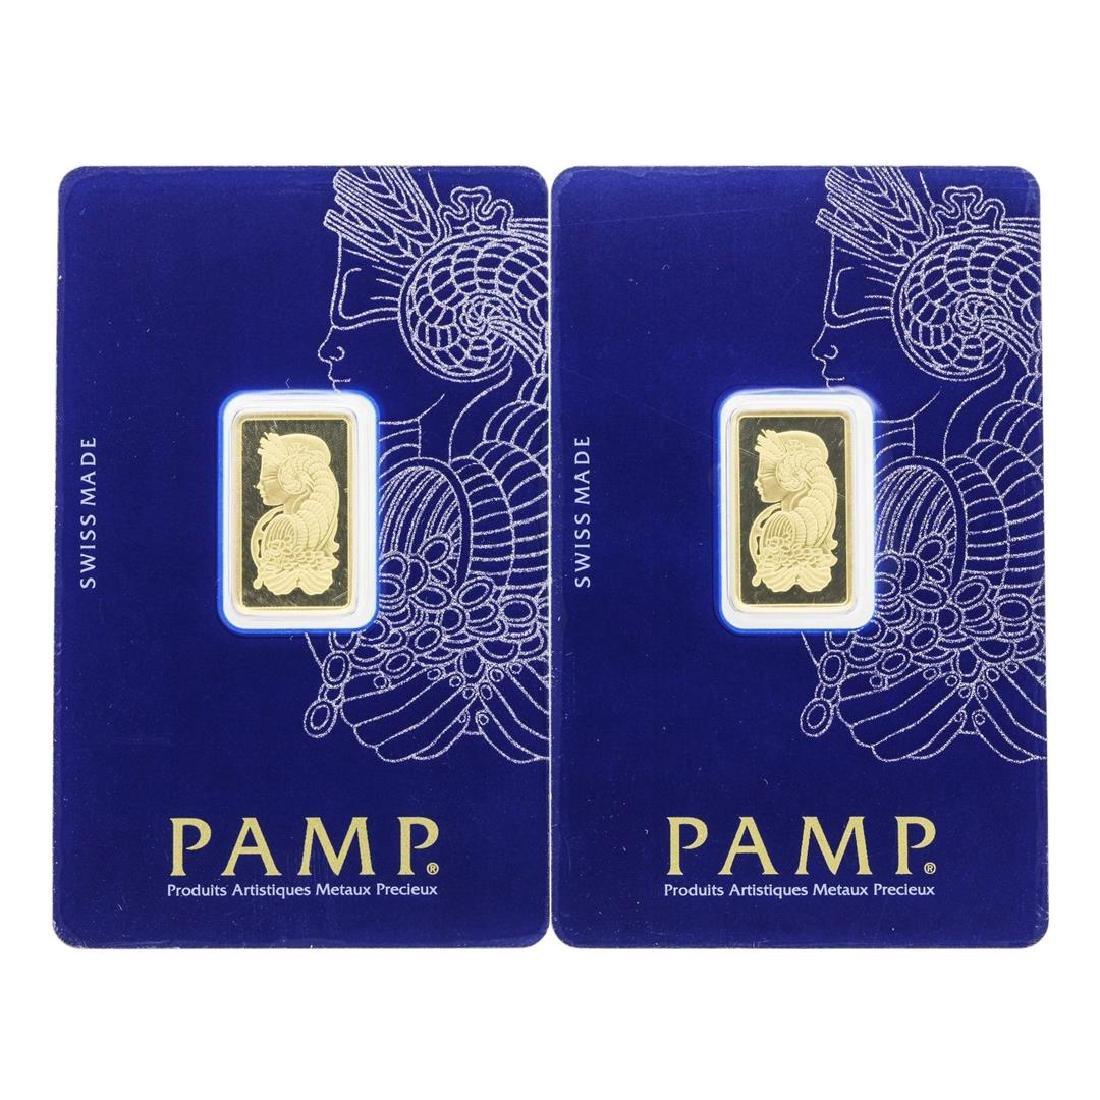 Lot of (2) 5 gram .9999 PAMP Suisse Fine Gold Ingot